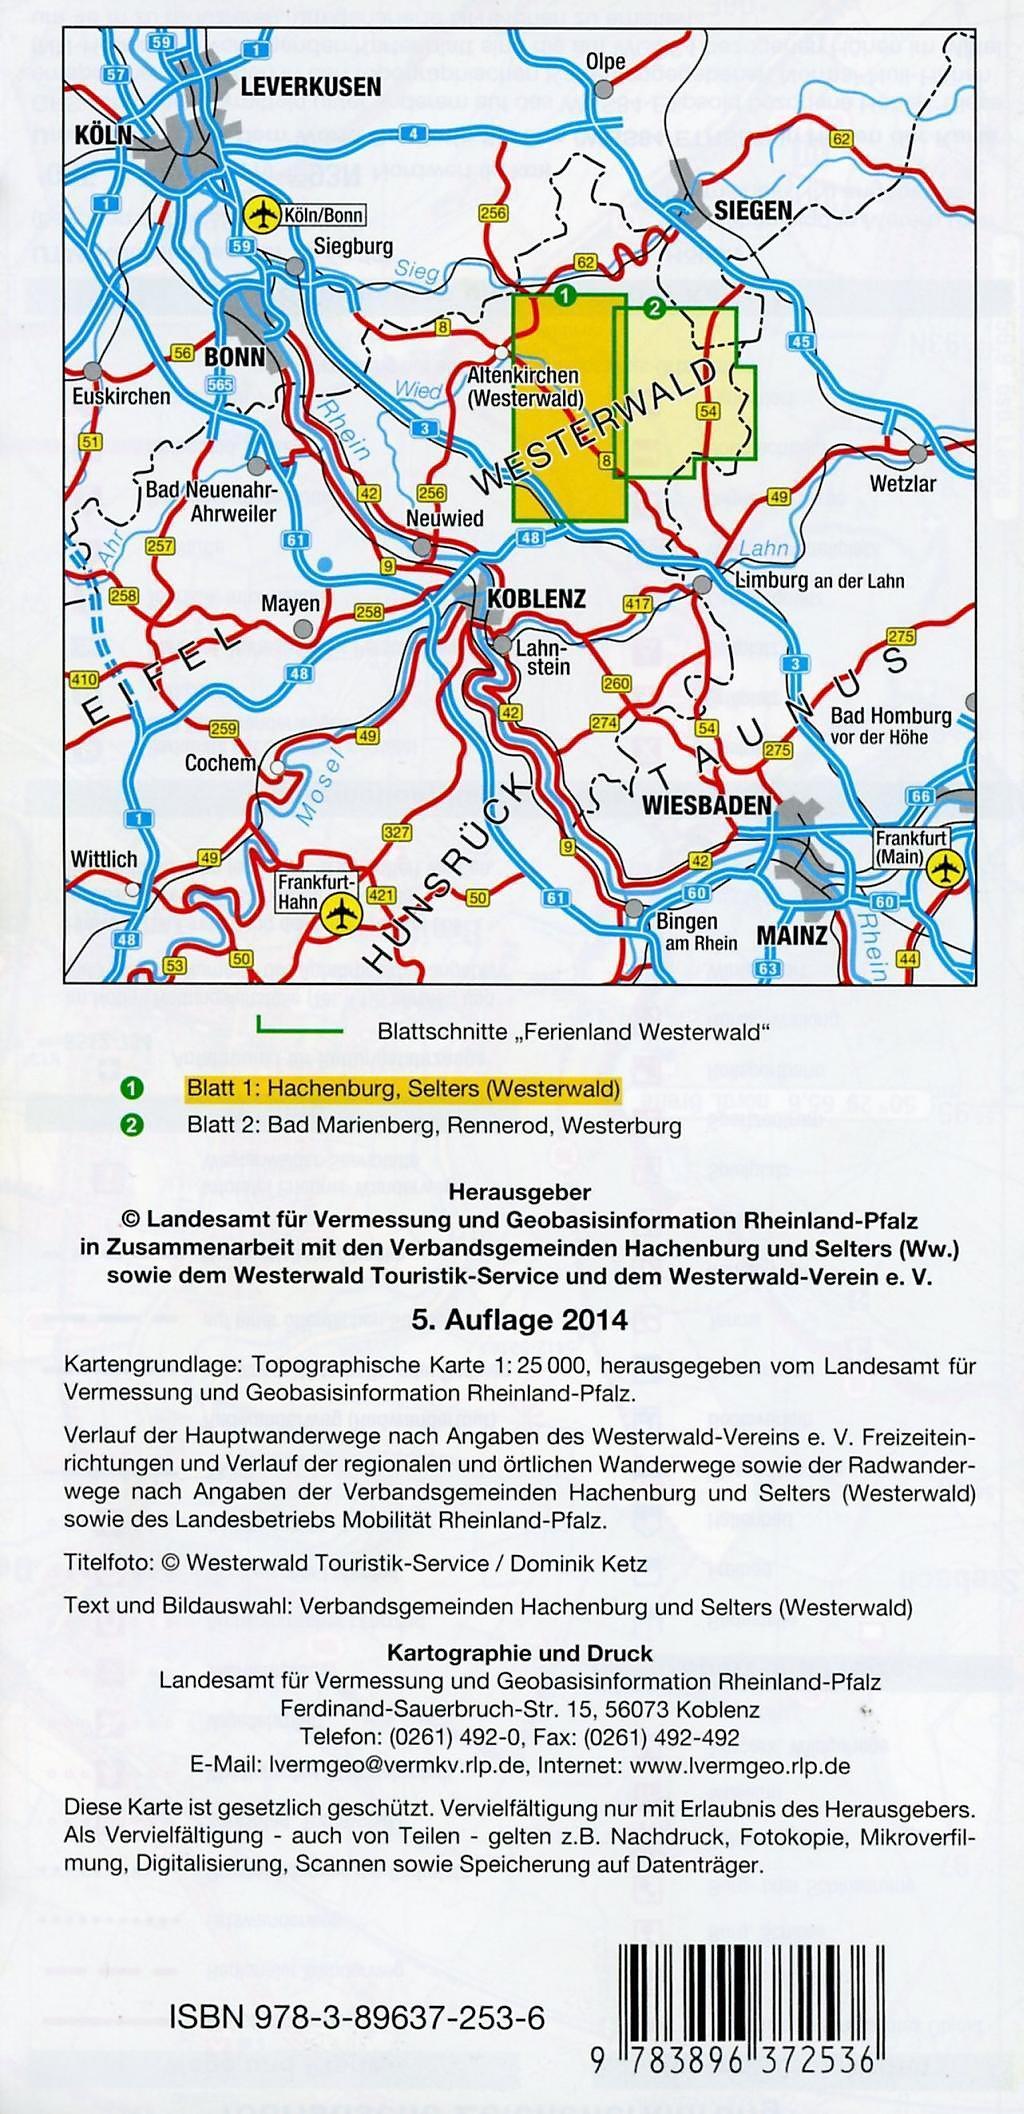 Westerwald Karte.Topographische Karte Rheinland Pfalz Ferienland Westerwald Buch